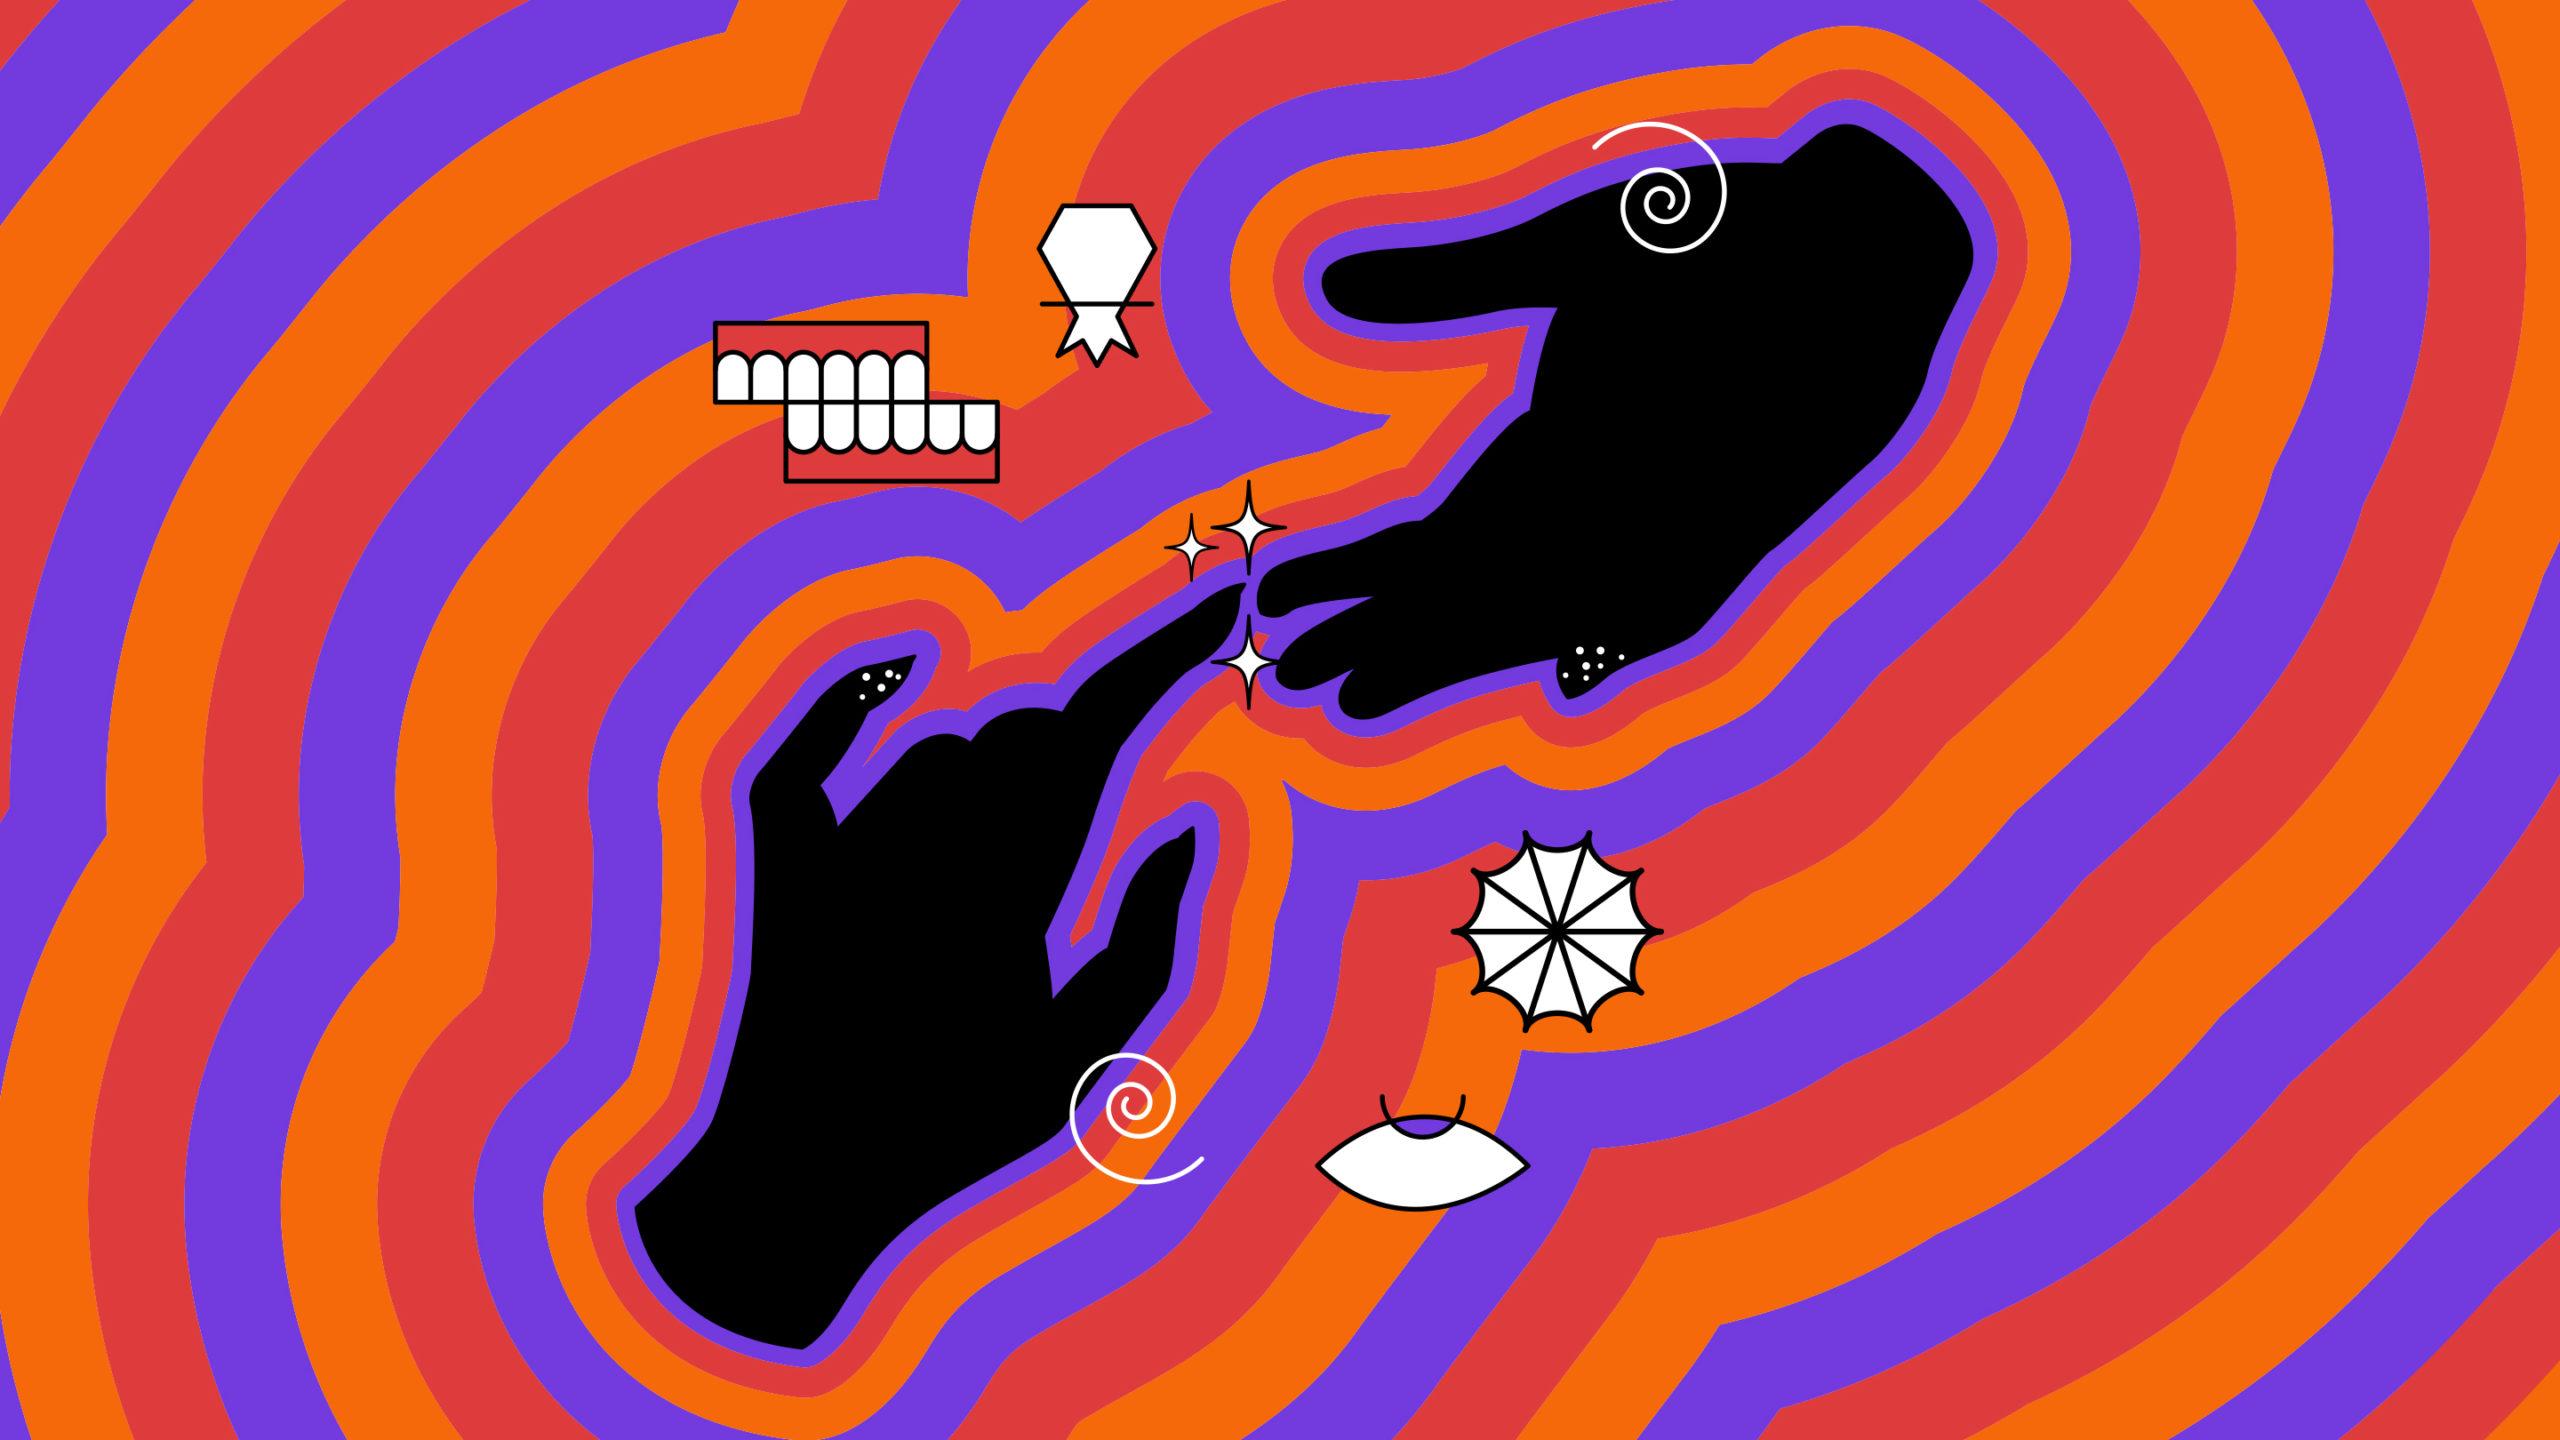 MDMA помогает избавиться от алкогольной зависимости. Исследование